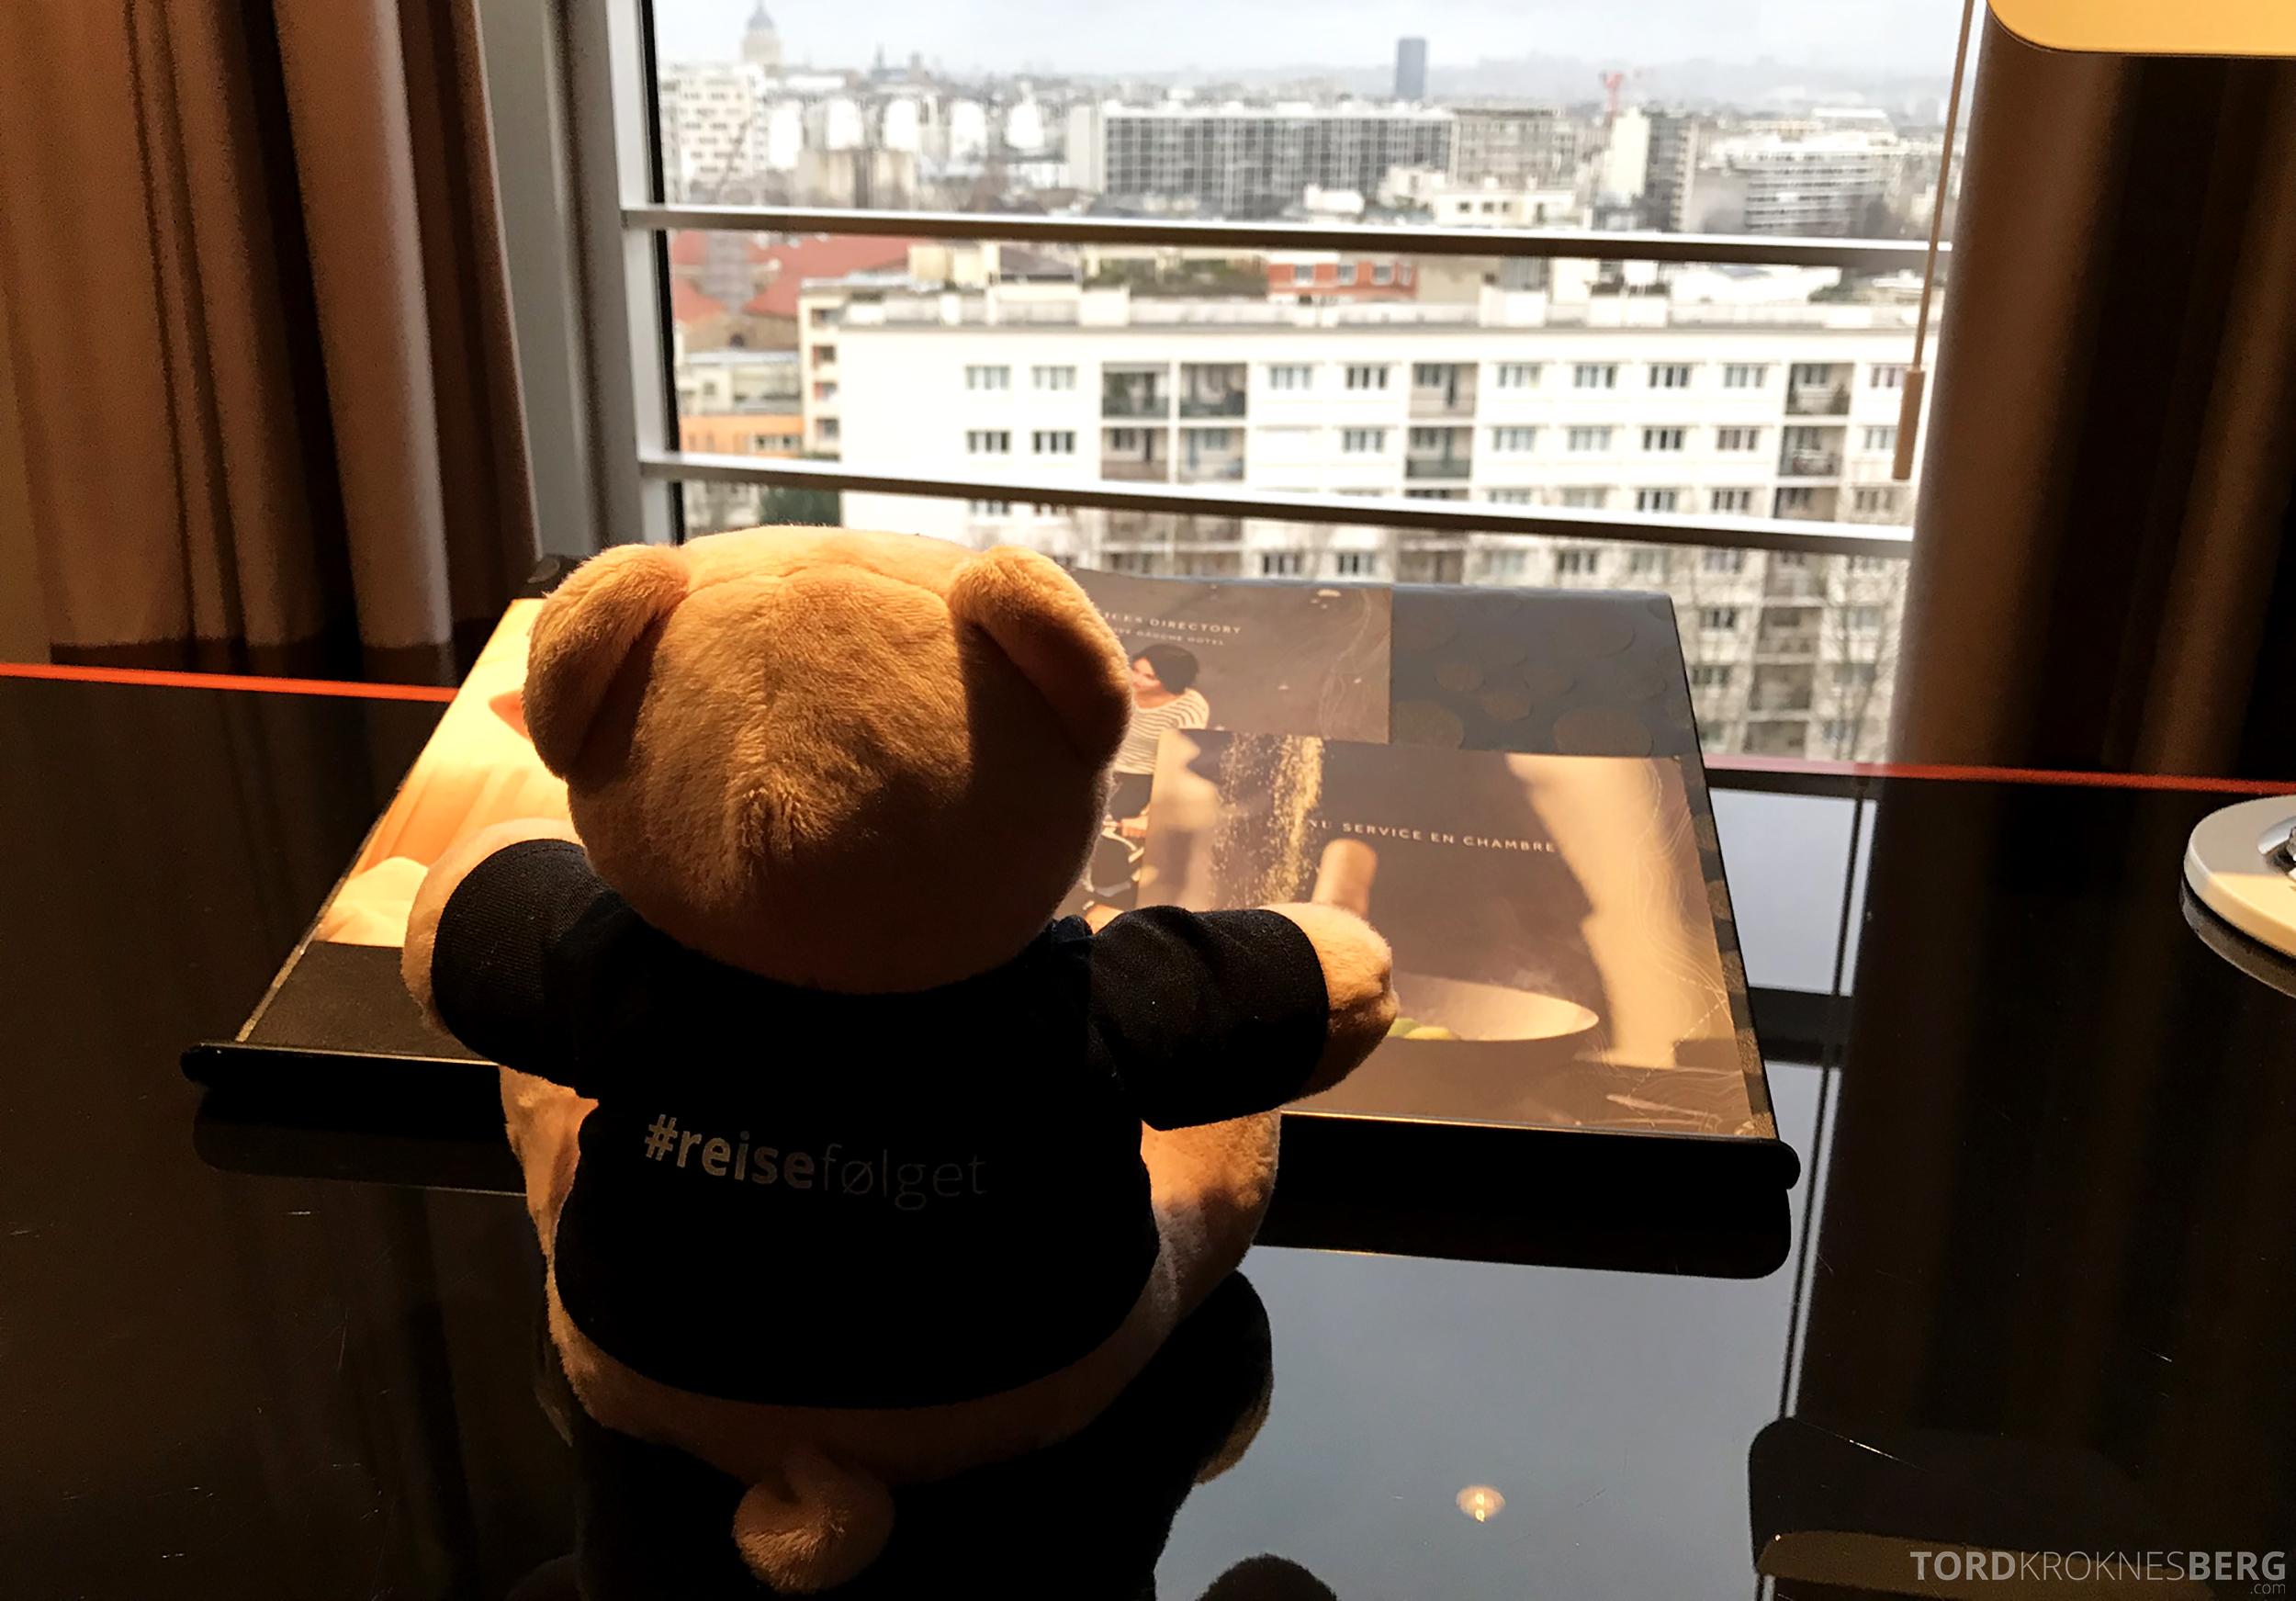 Marriott Paris Rive Gauche reisefølget utsikt